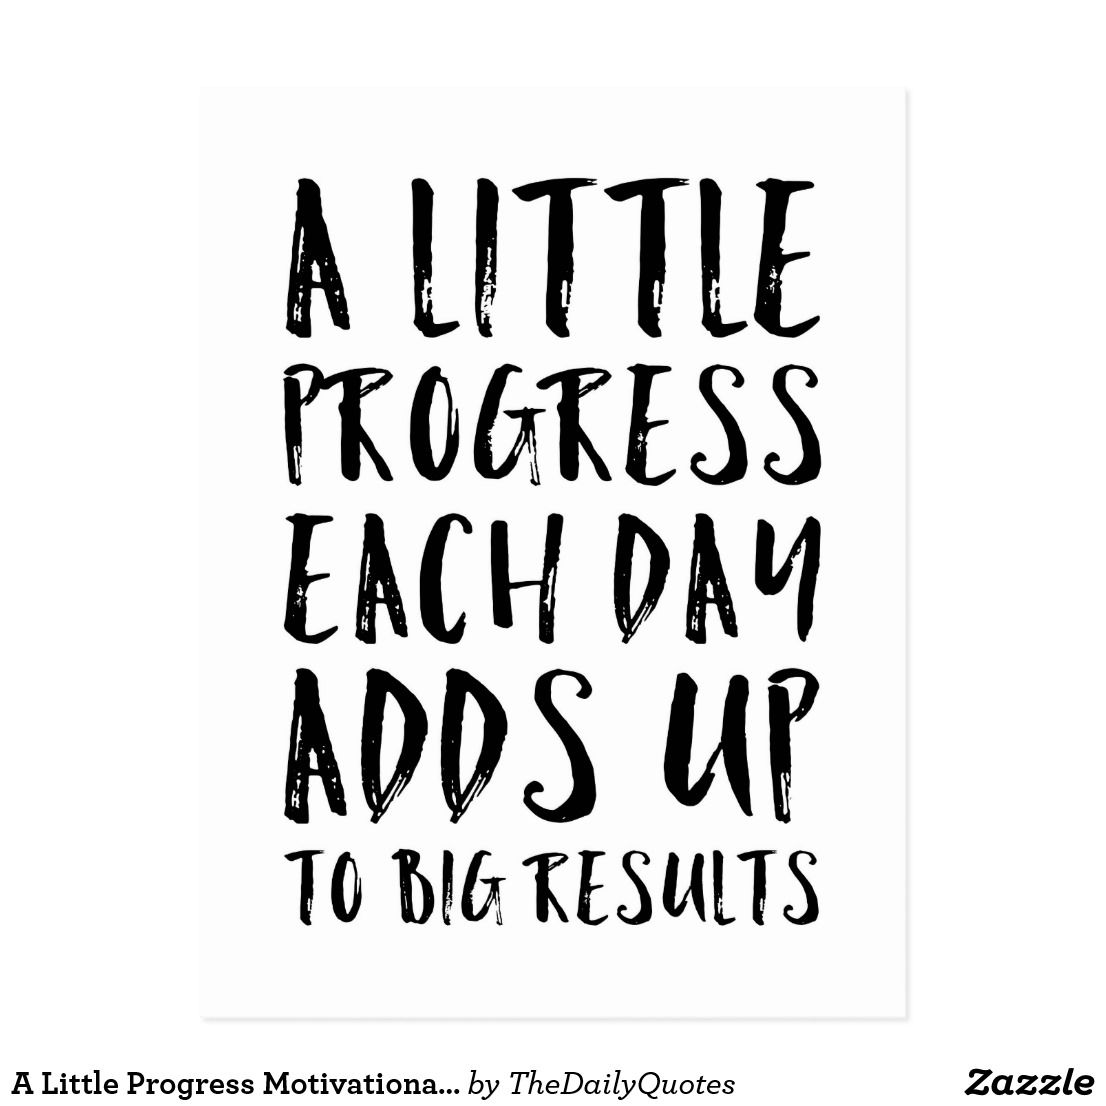 A Little Progress Motivational Quote Postcard Zazzle Com